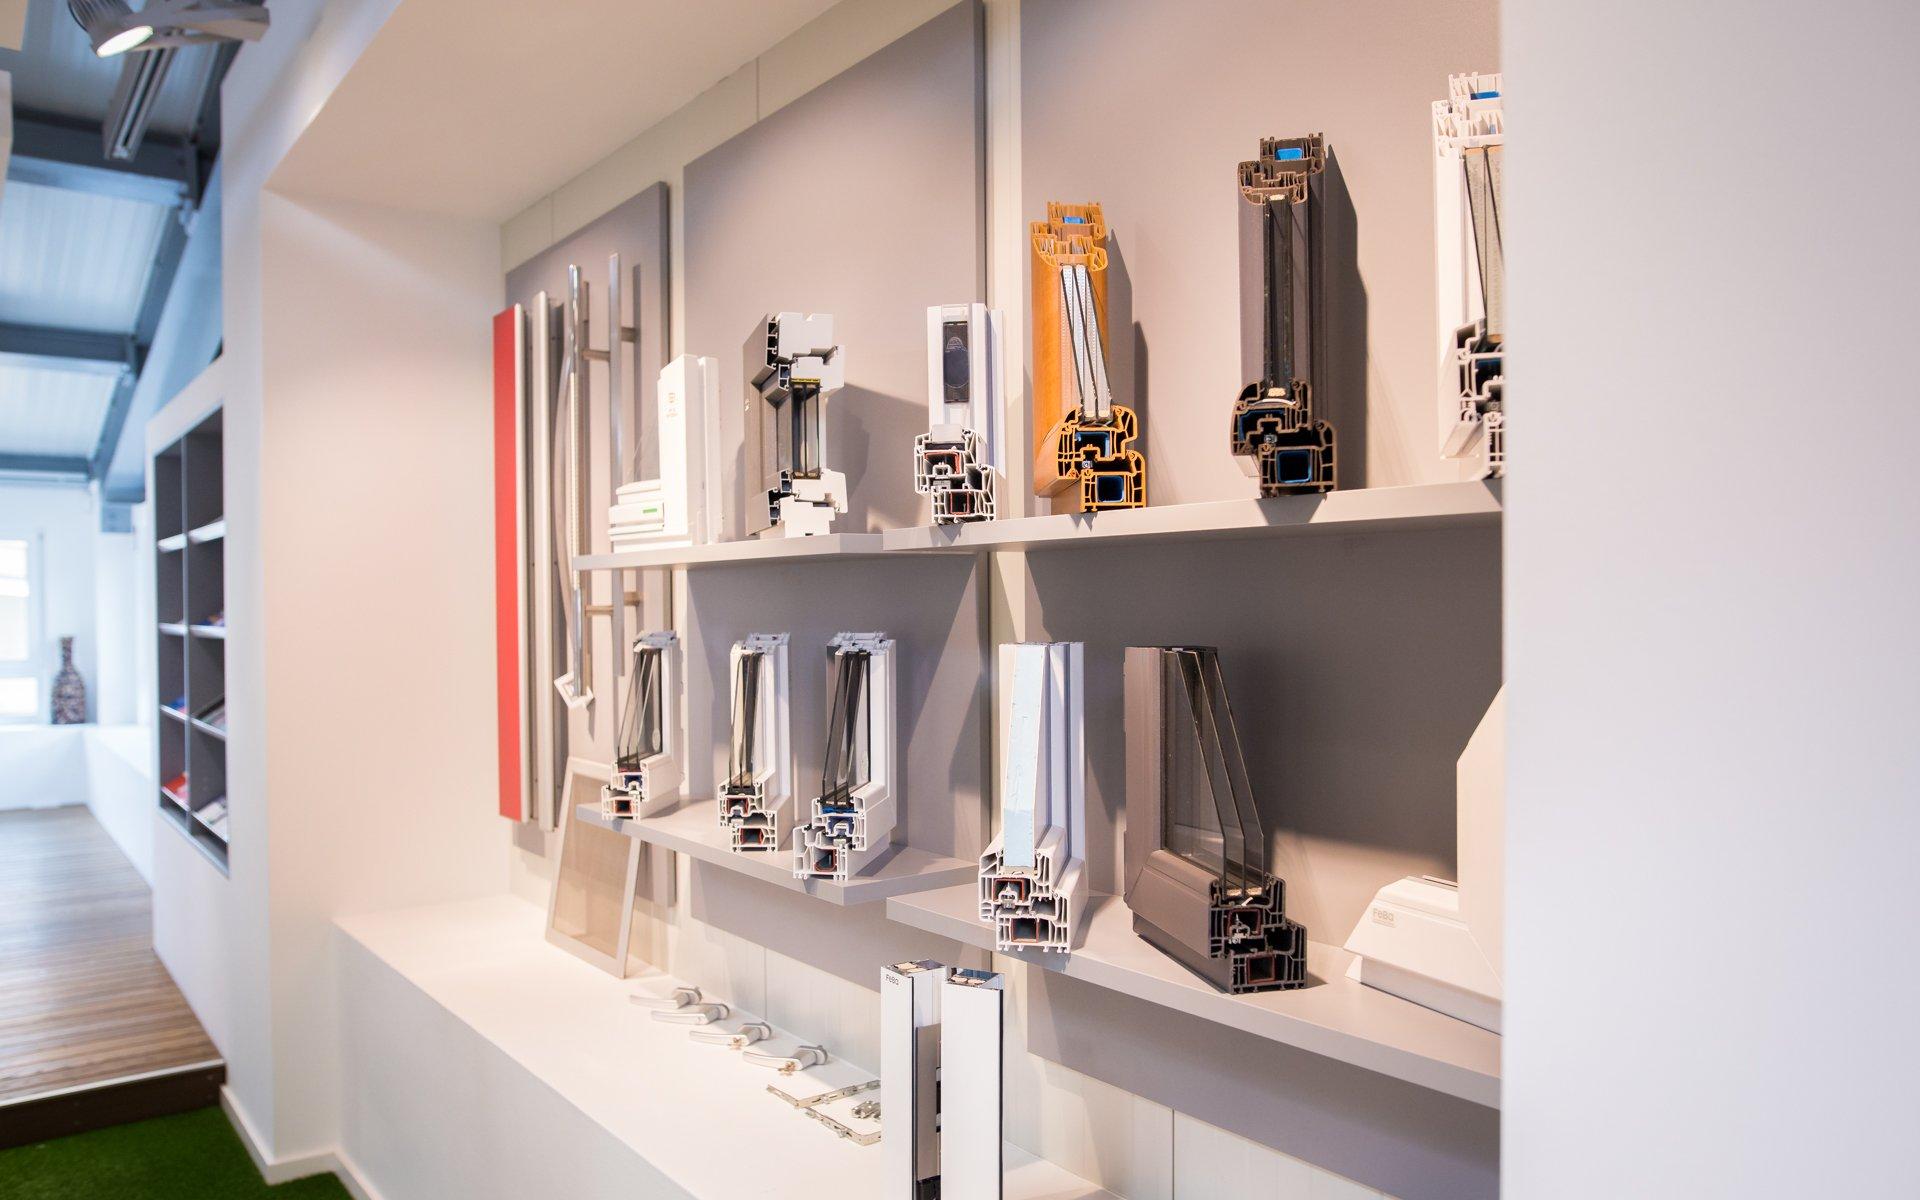 Fenster & Fensterbänke - Baustoff Mill GmbH